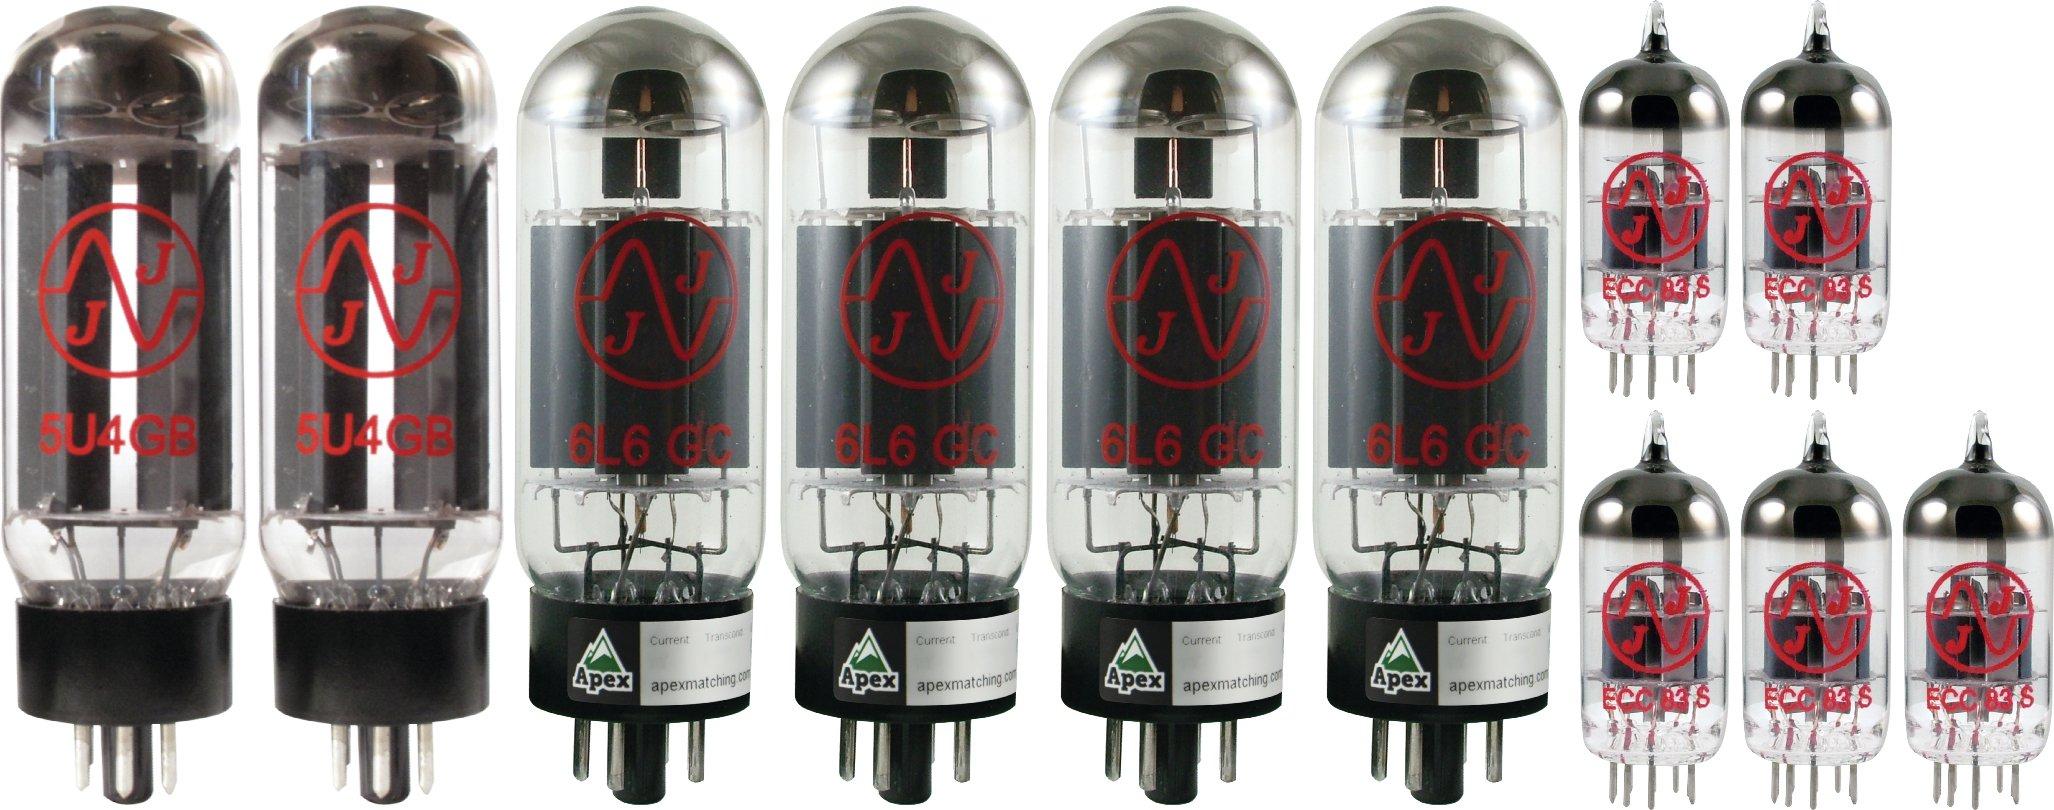 Mesa Boogie Dual Rectifier Tube Set, JJ Tubes (x4 6L6GC, x5 12AX7, x2 5U4GB) by JJ Electronic